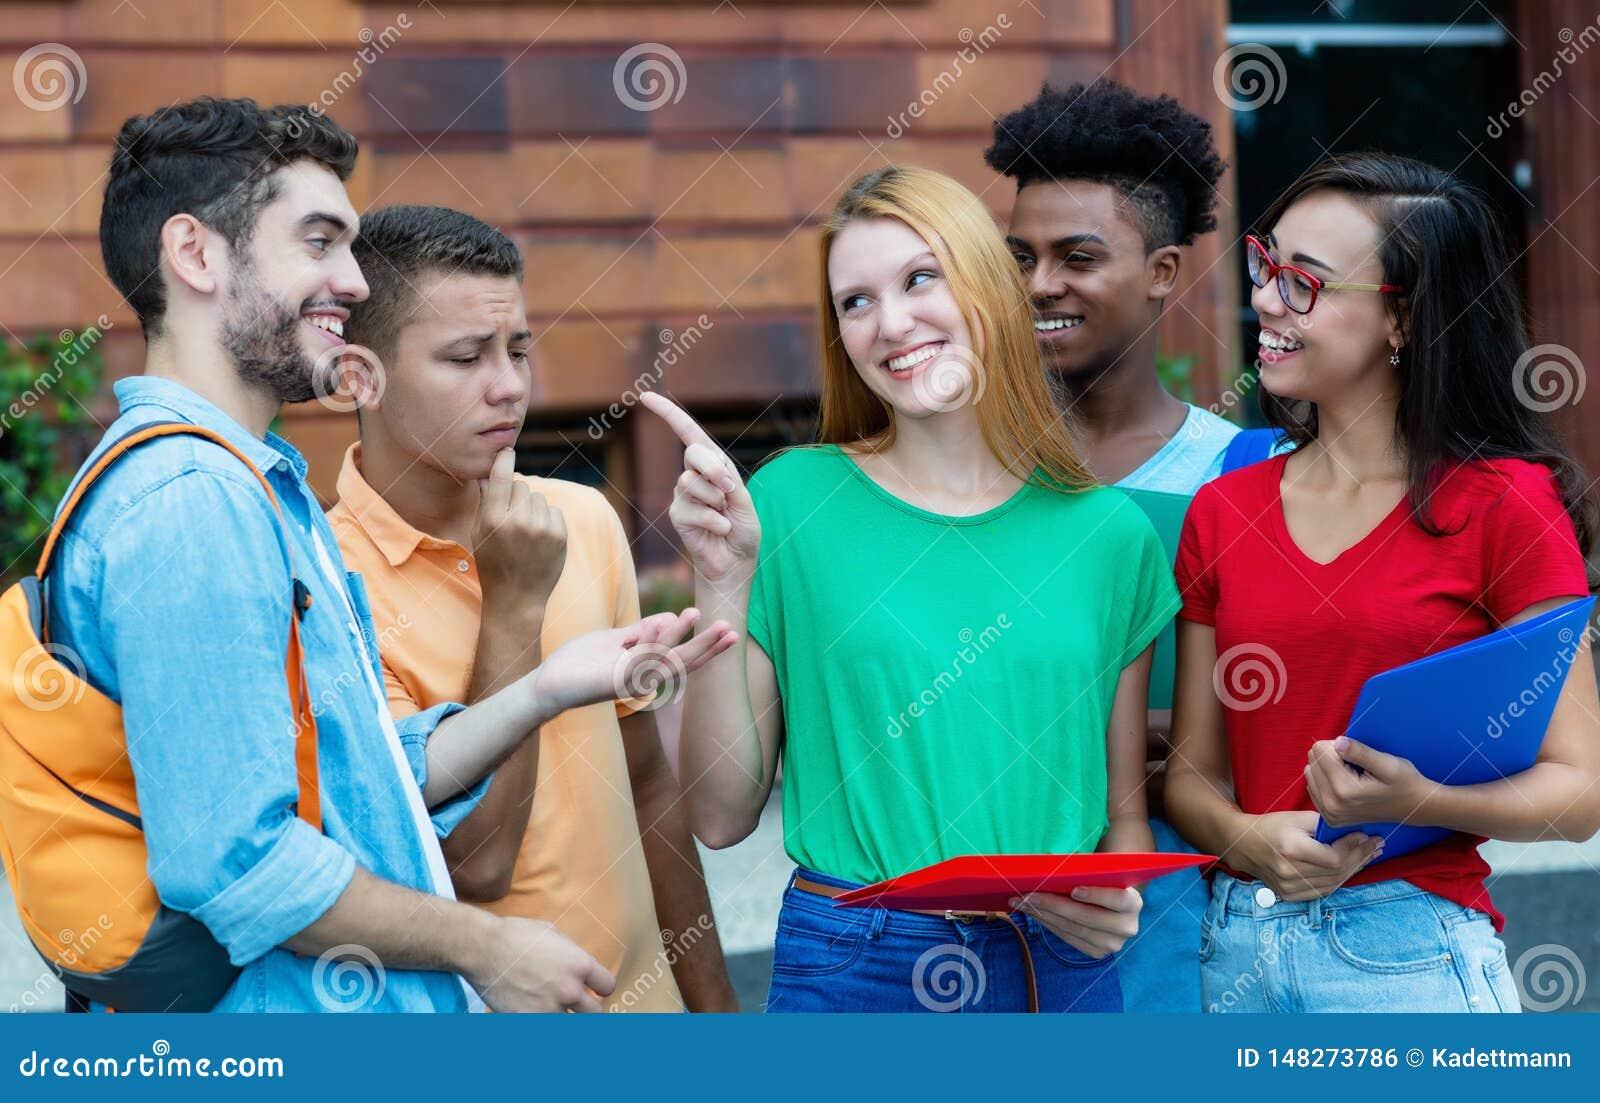 Grupp av caucasian och latin- och afrikansk amerikanstudenter som talar om läxa